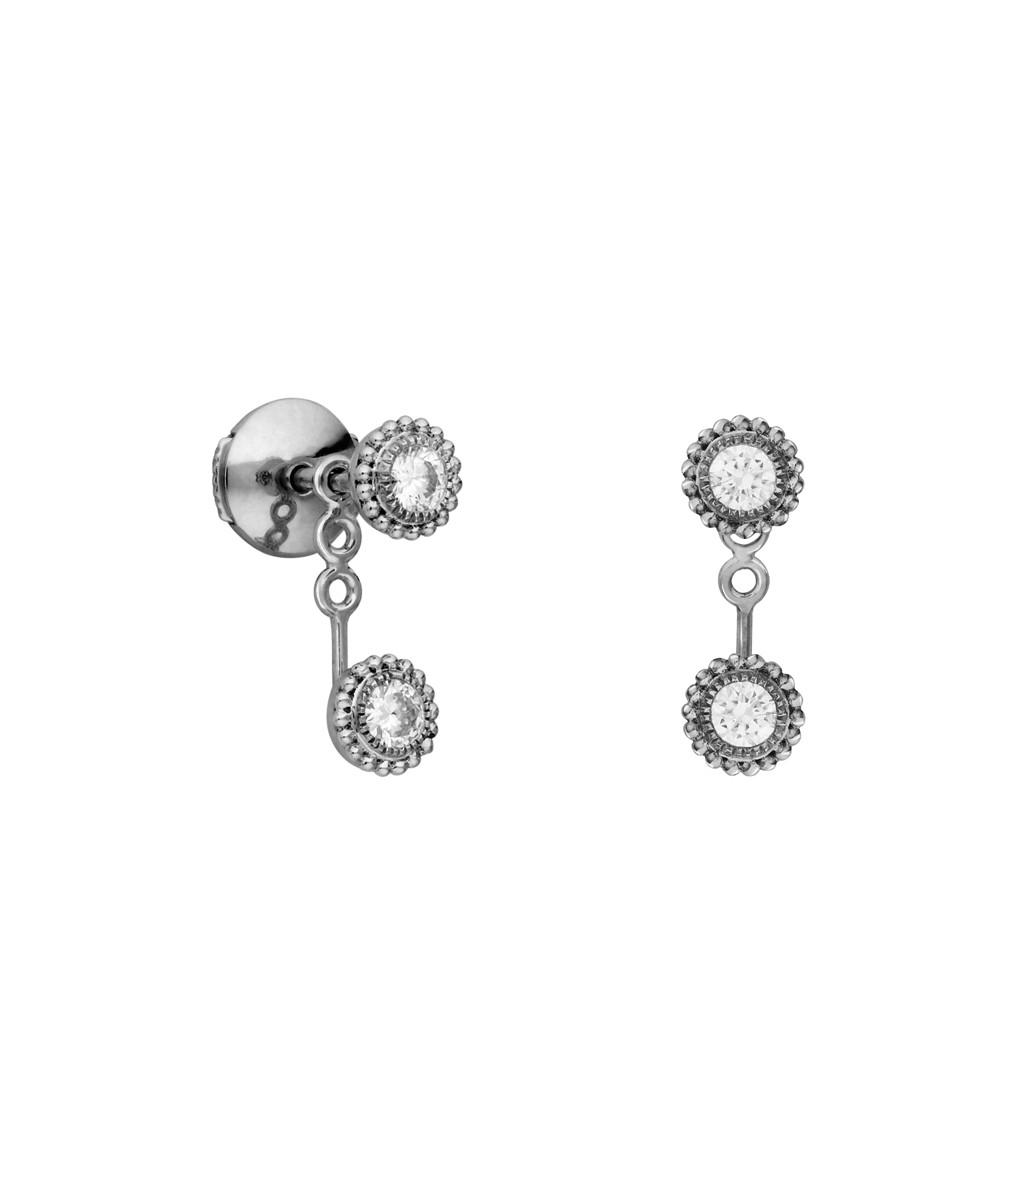 boucle d 39 oreille bouton double swan diamants vendue l. Black Bedroom Furniture Sets. Home Design Ideas